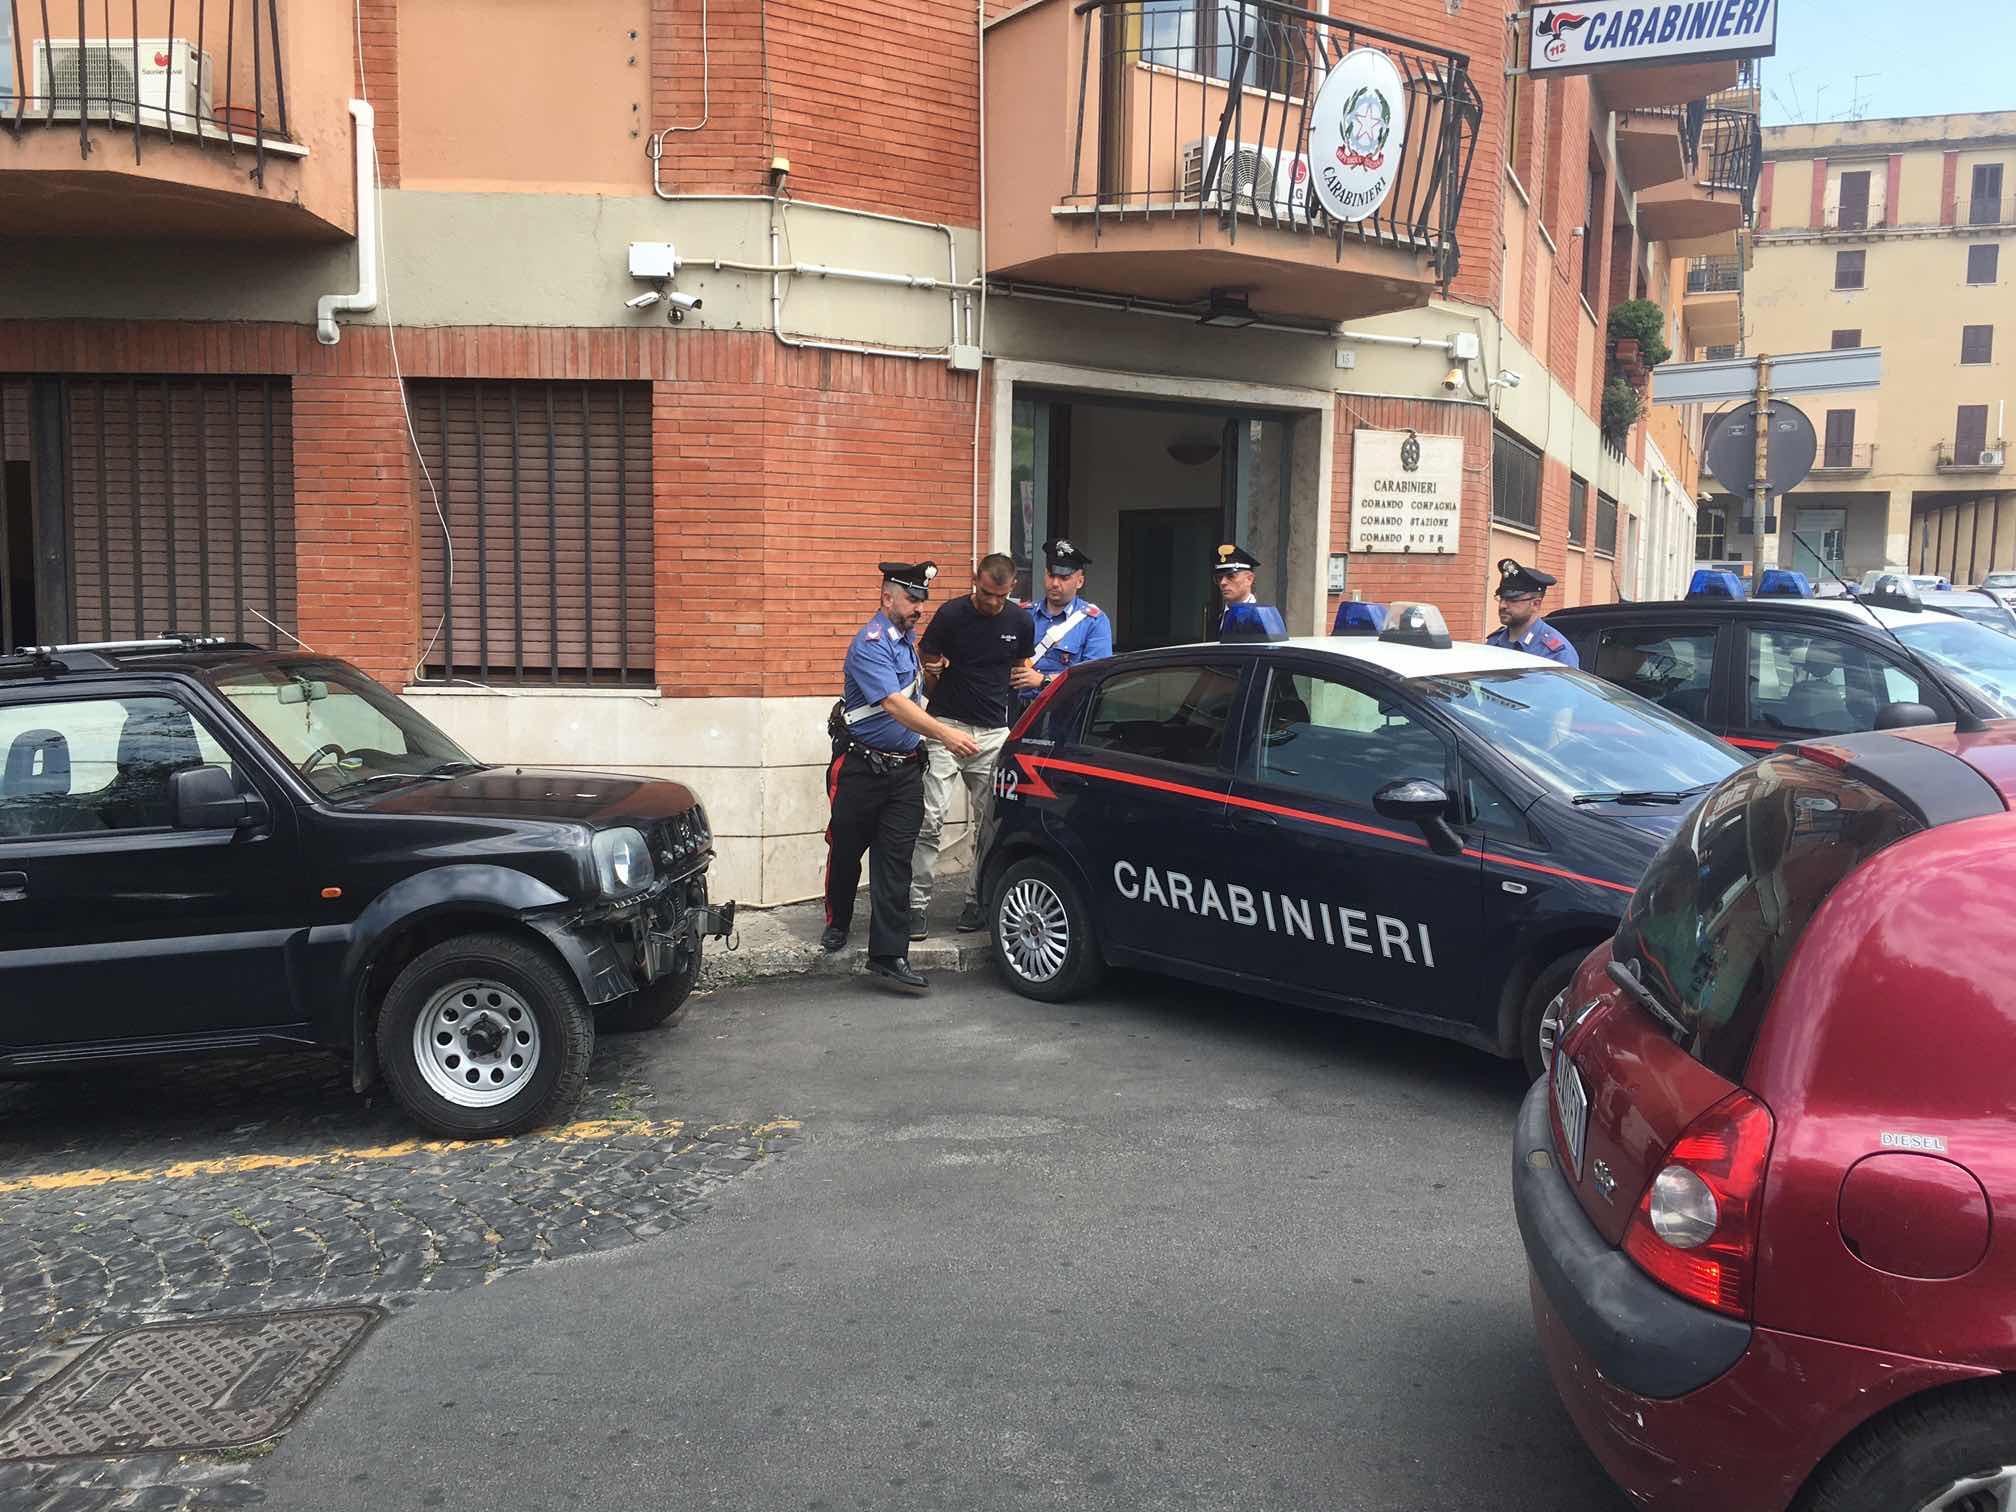 Omicidio di Tivoli, ammazzato a pugni in strada per una lite sull'affitto